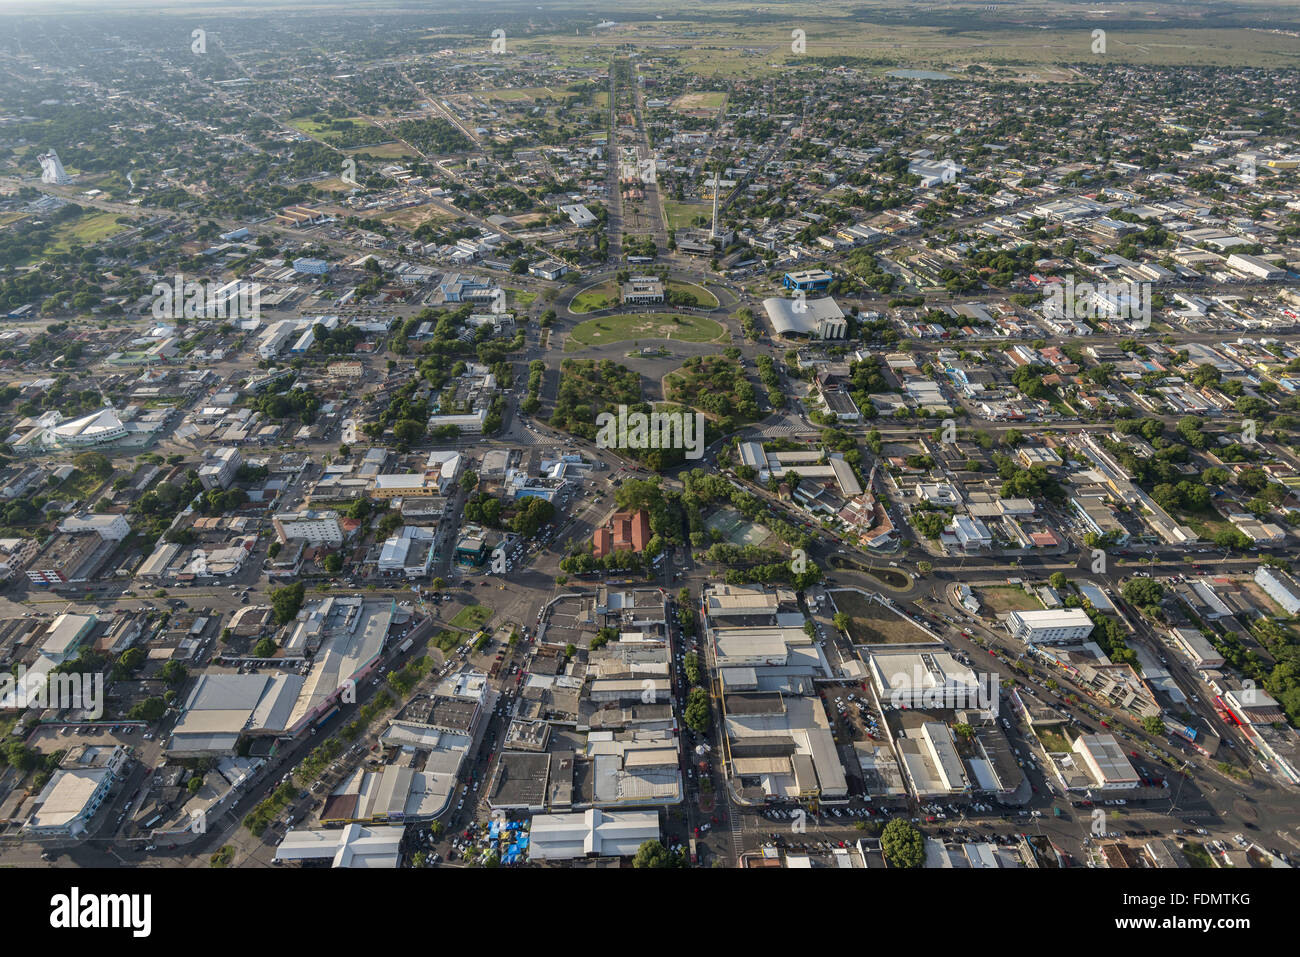 Vista aerea della città soprattutto la struttura urbana a ventaglio Immagini Stock